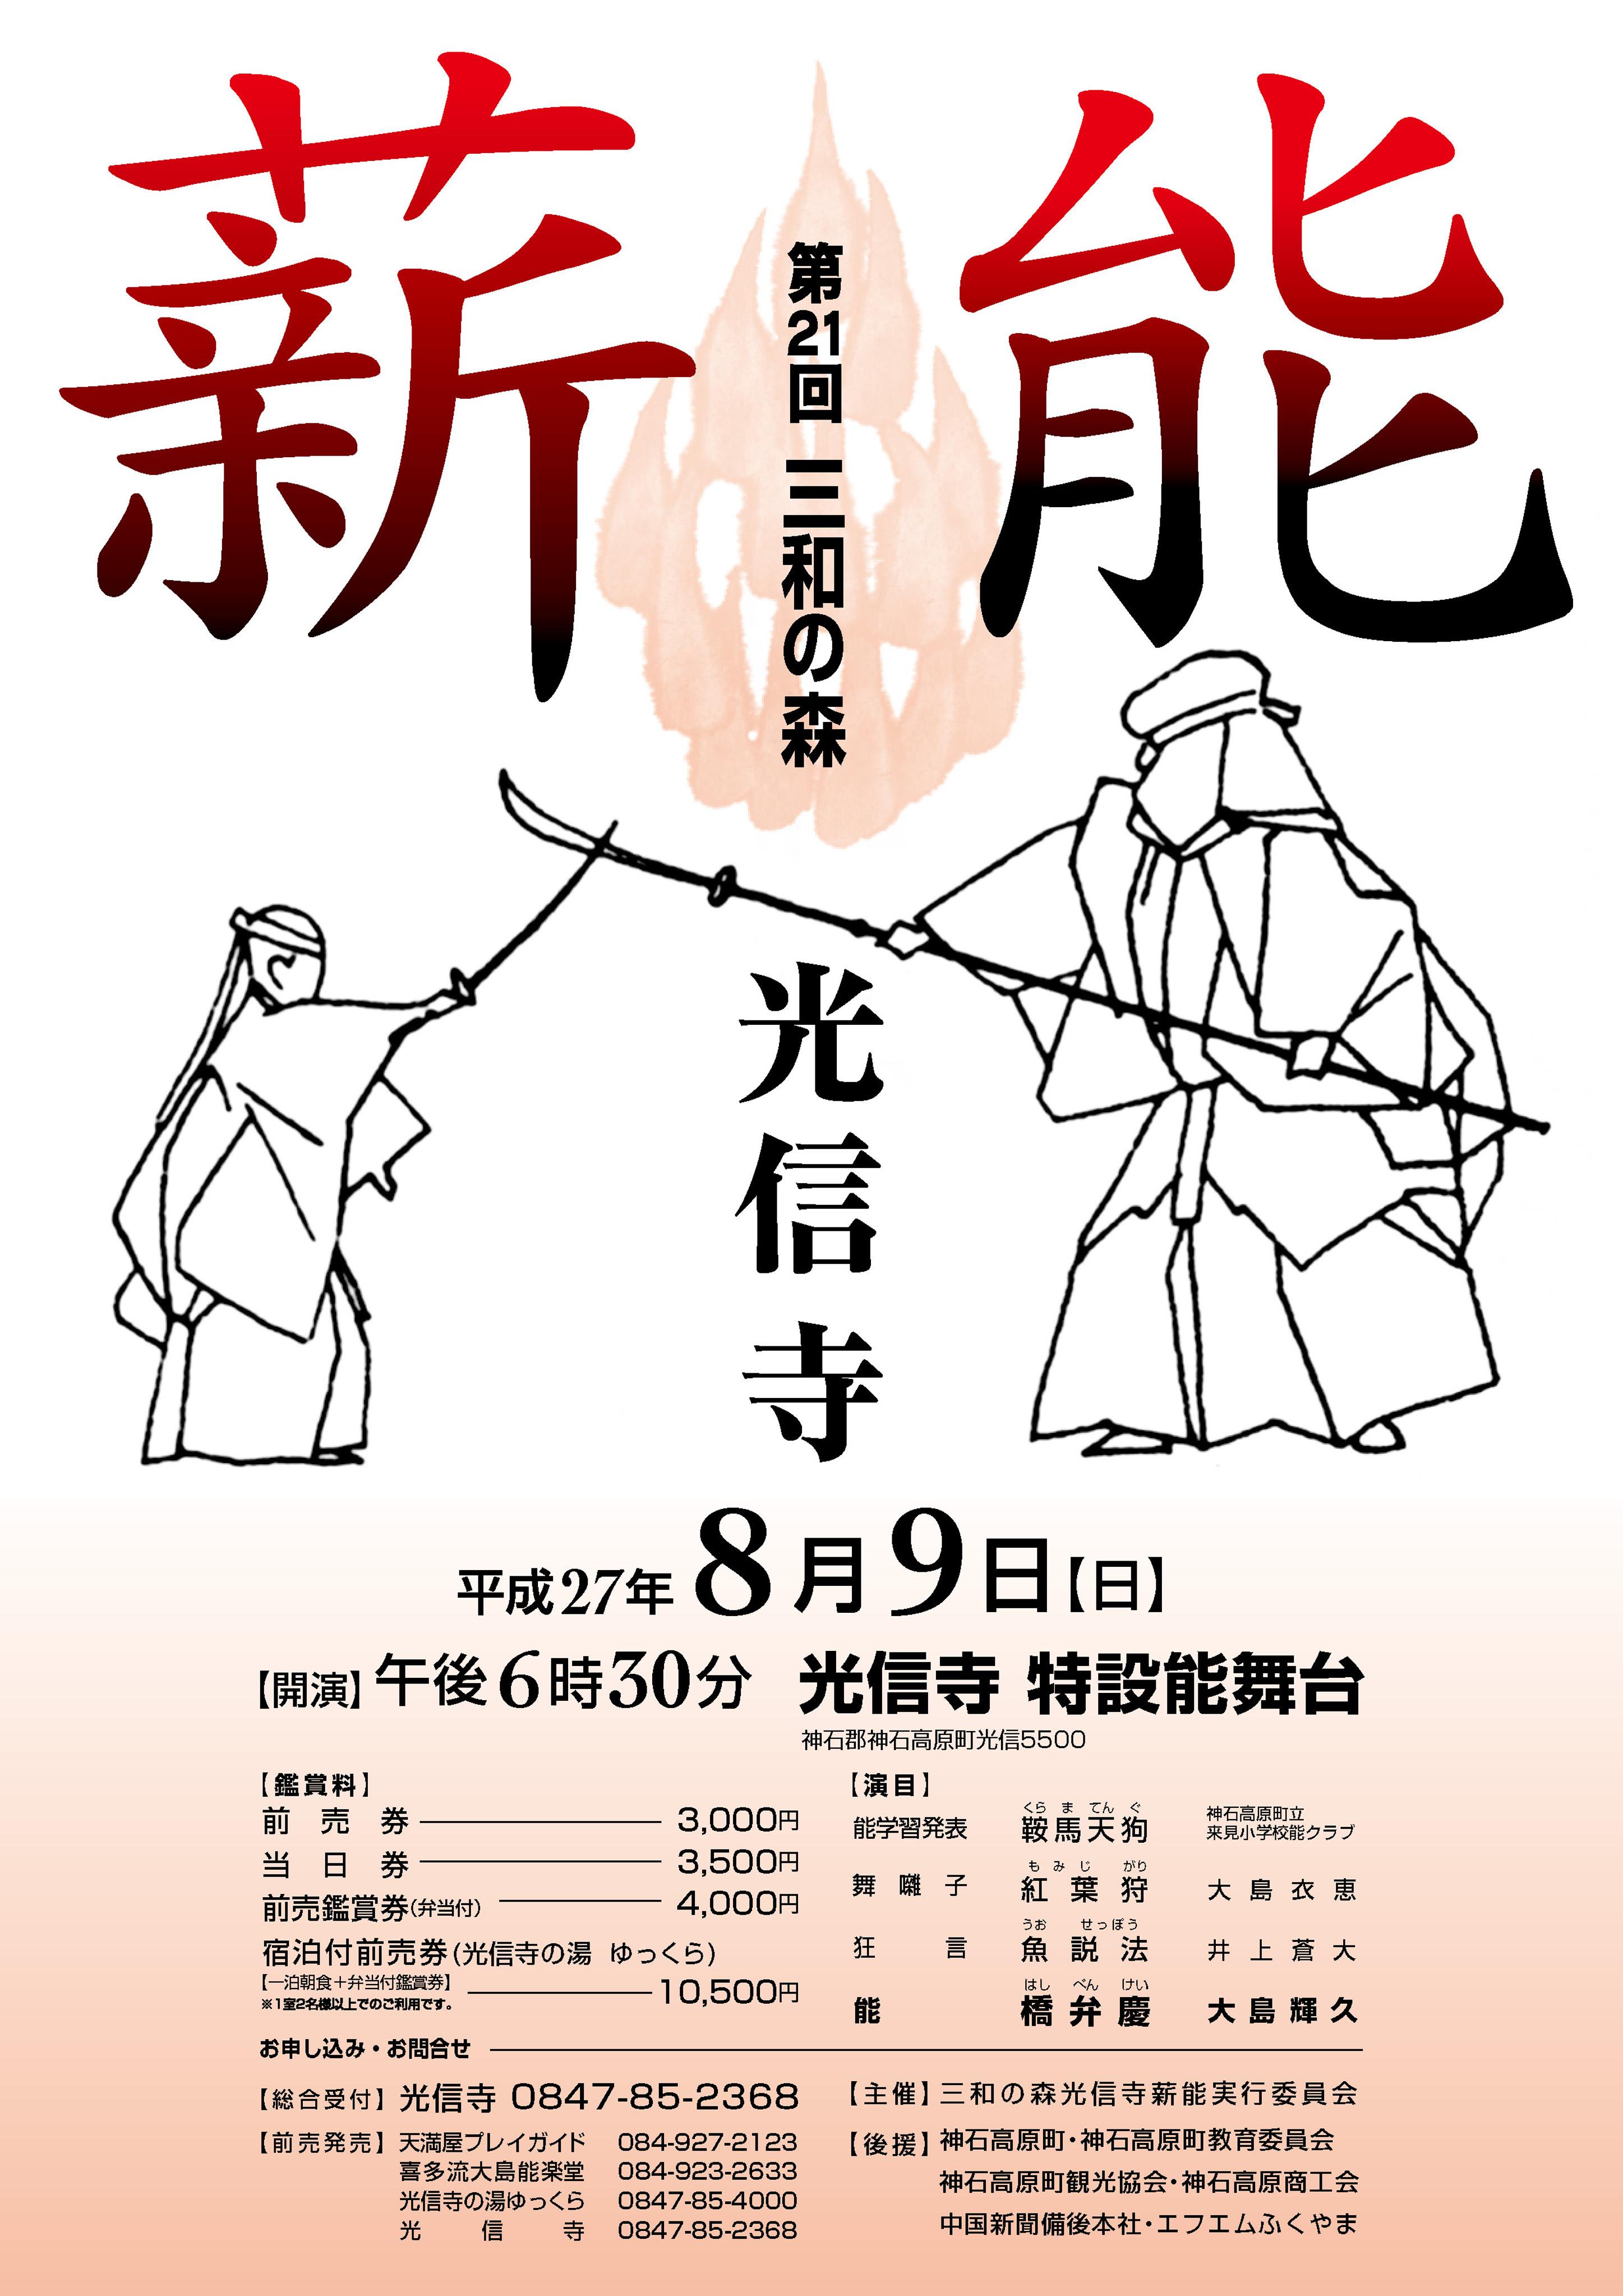 かがり火が照らす幻想的な夜「第21回三和の森 光信寺薪能」8月9日に開催